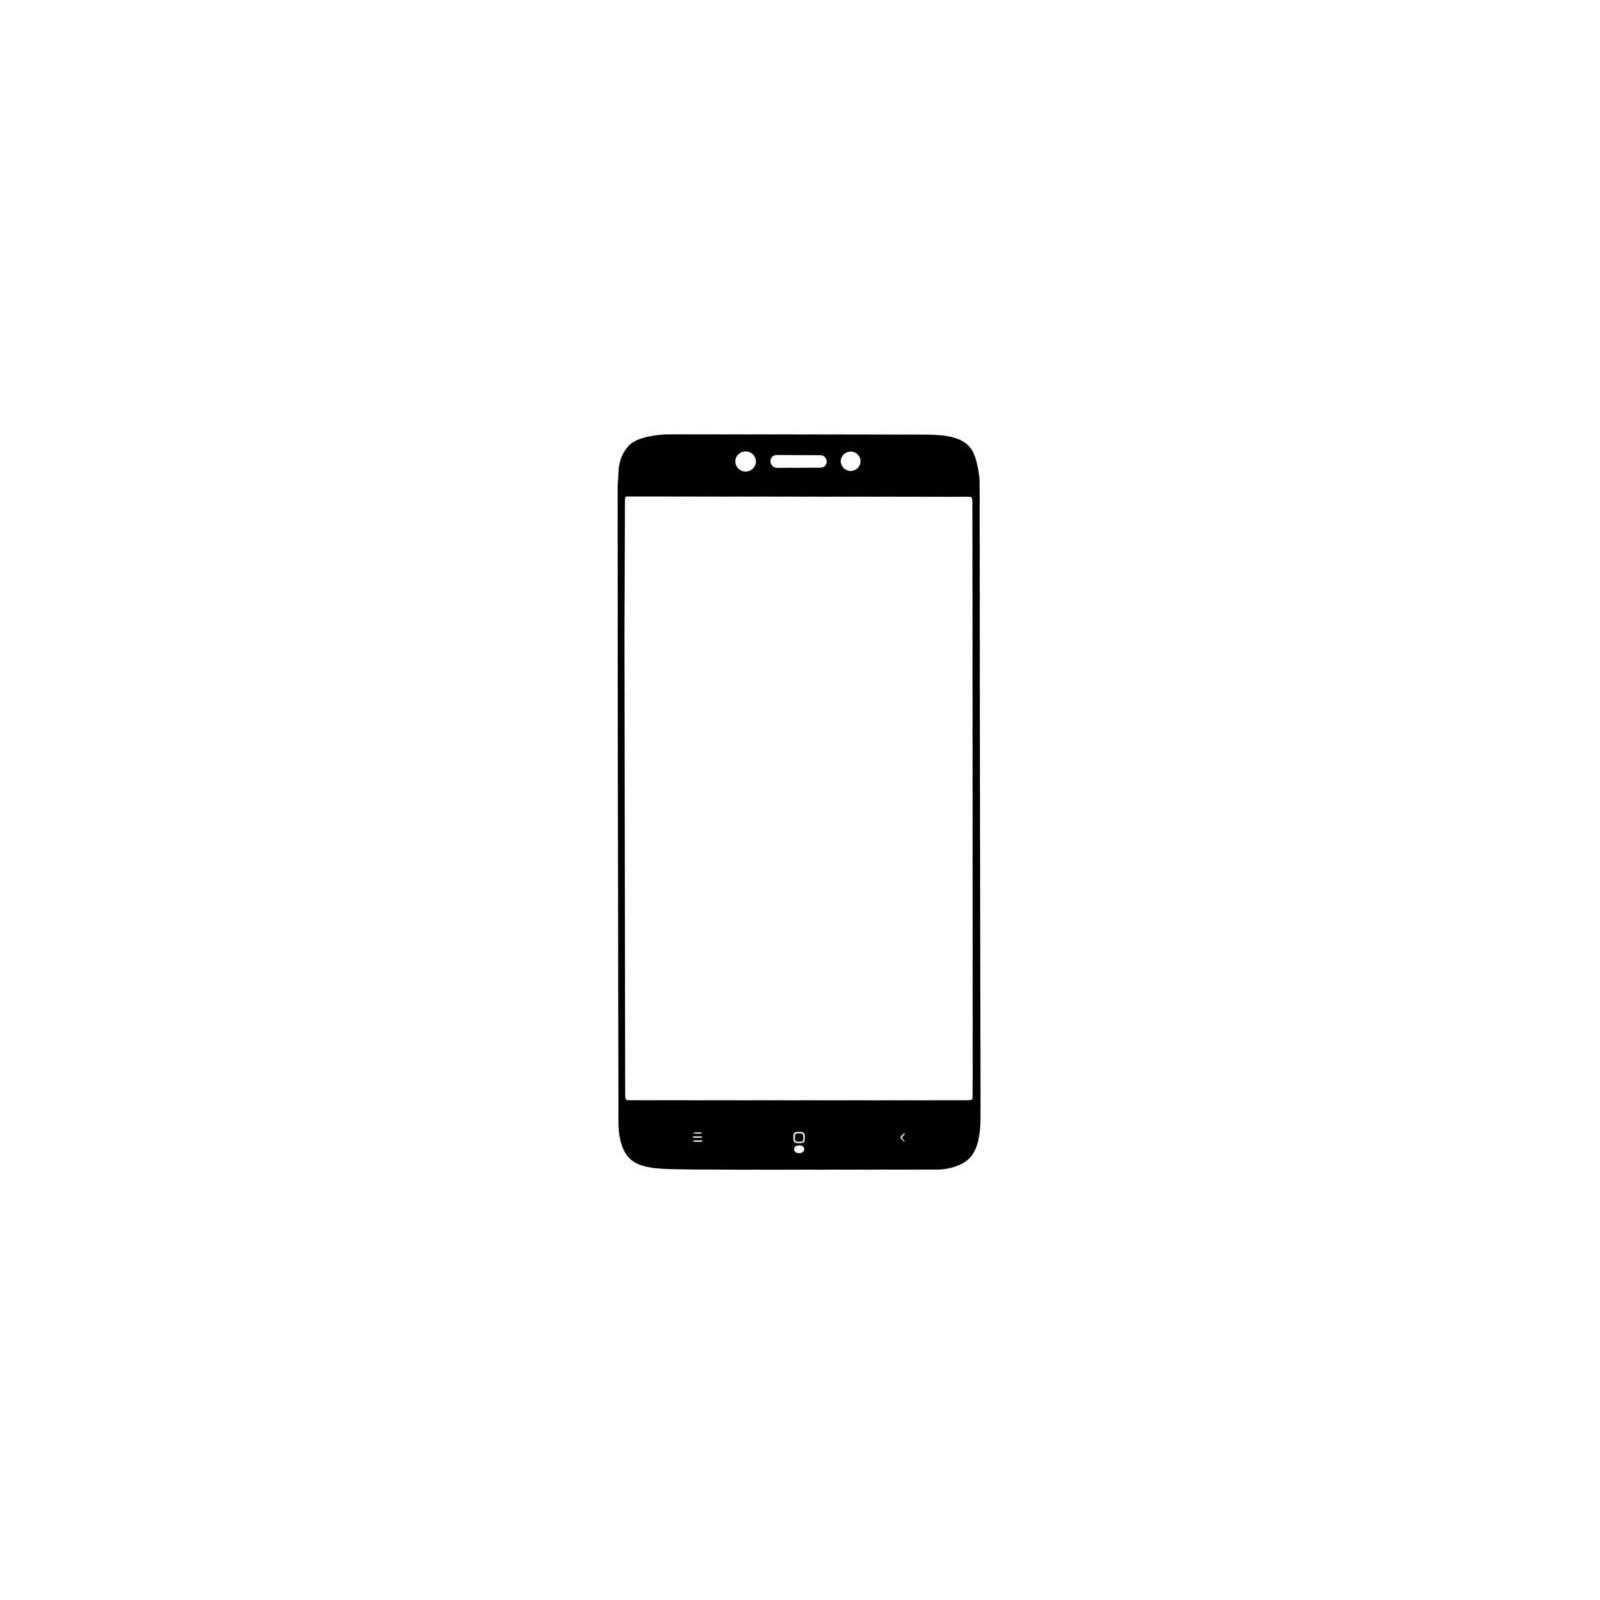 Стекло защитное MakeFuture для Xiaomi Redmi 5A Black Full Cover Full Glue (MGFCFG-XR5AB) изображение 3